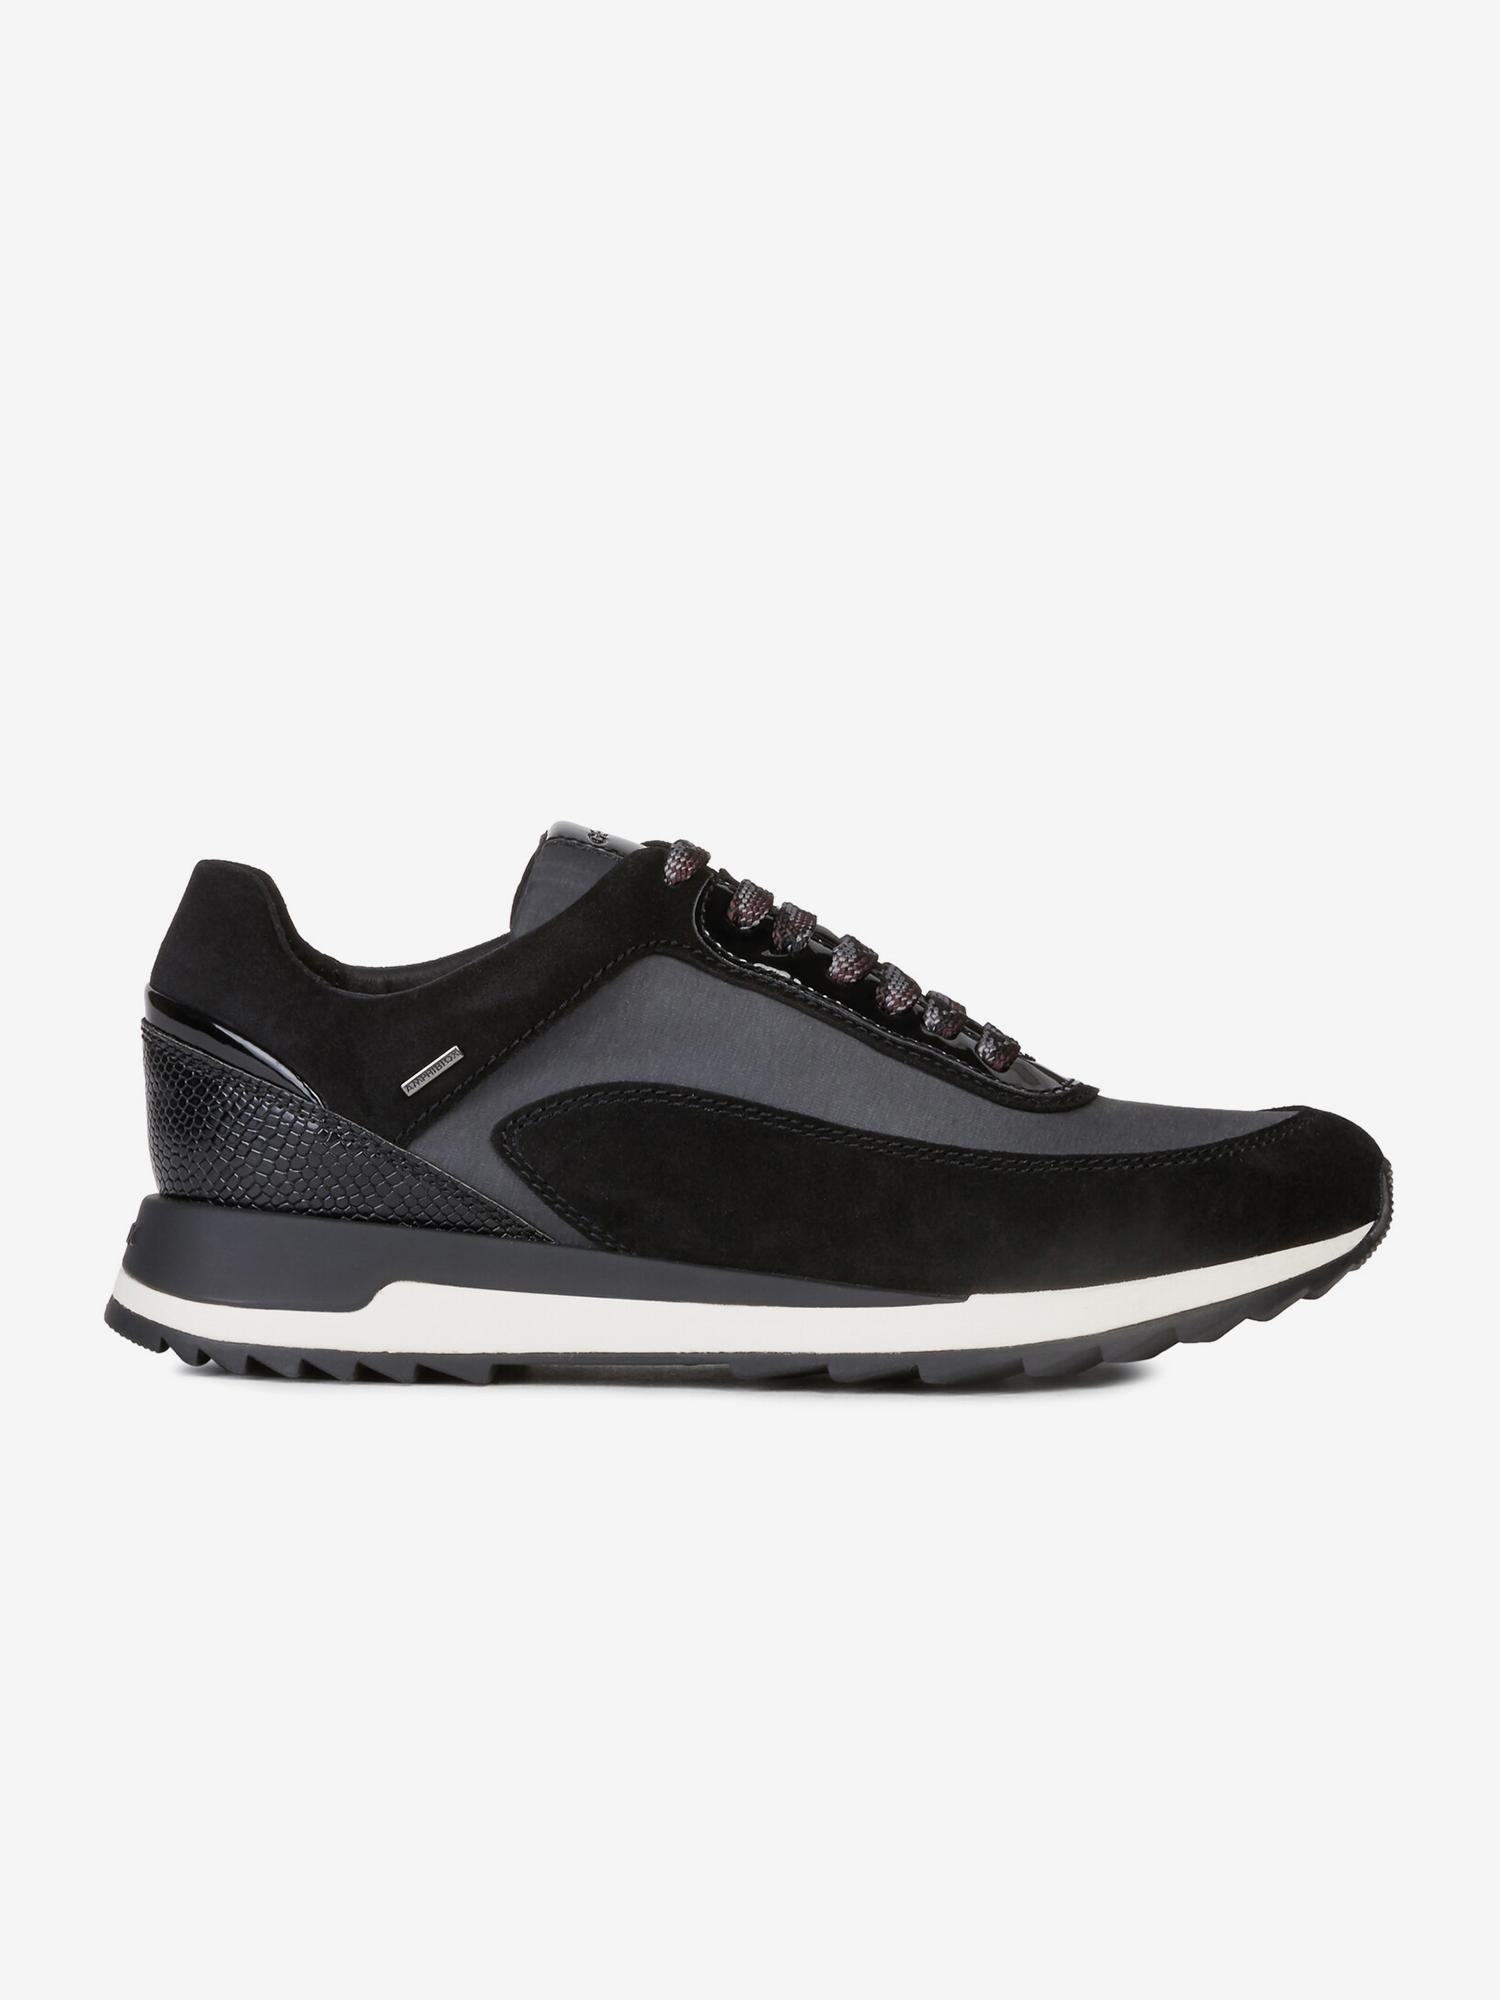 Shoes Geox D Aneko B Abx